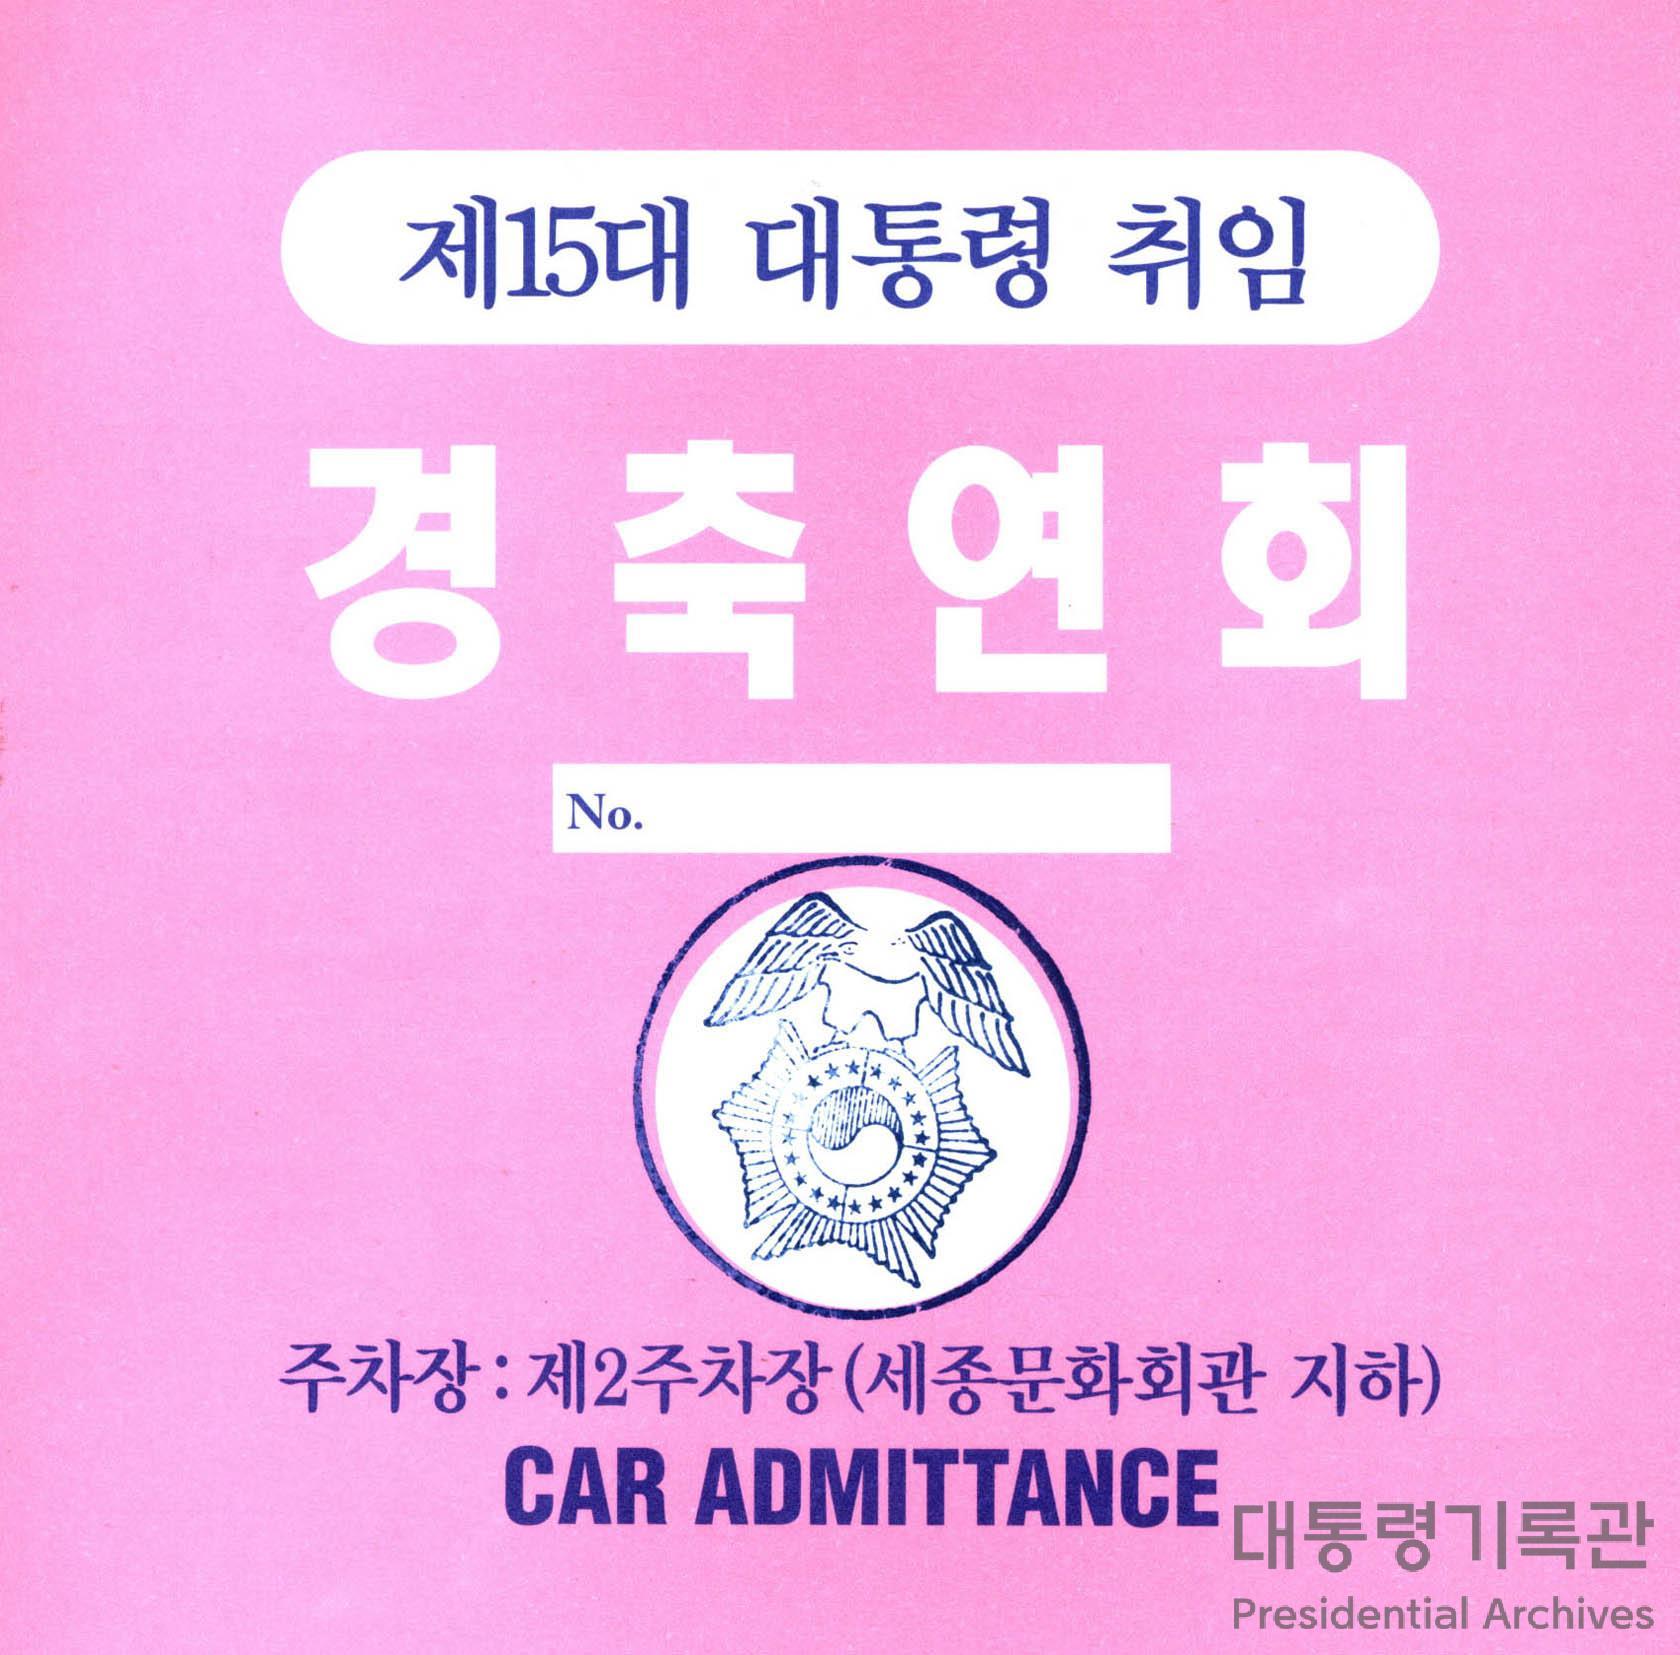 제15대 대통령 취임식 경축연 주차증 (1998, 김대중대통령)